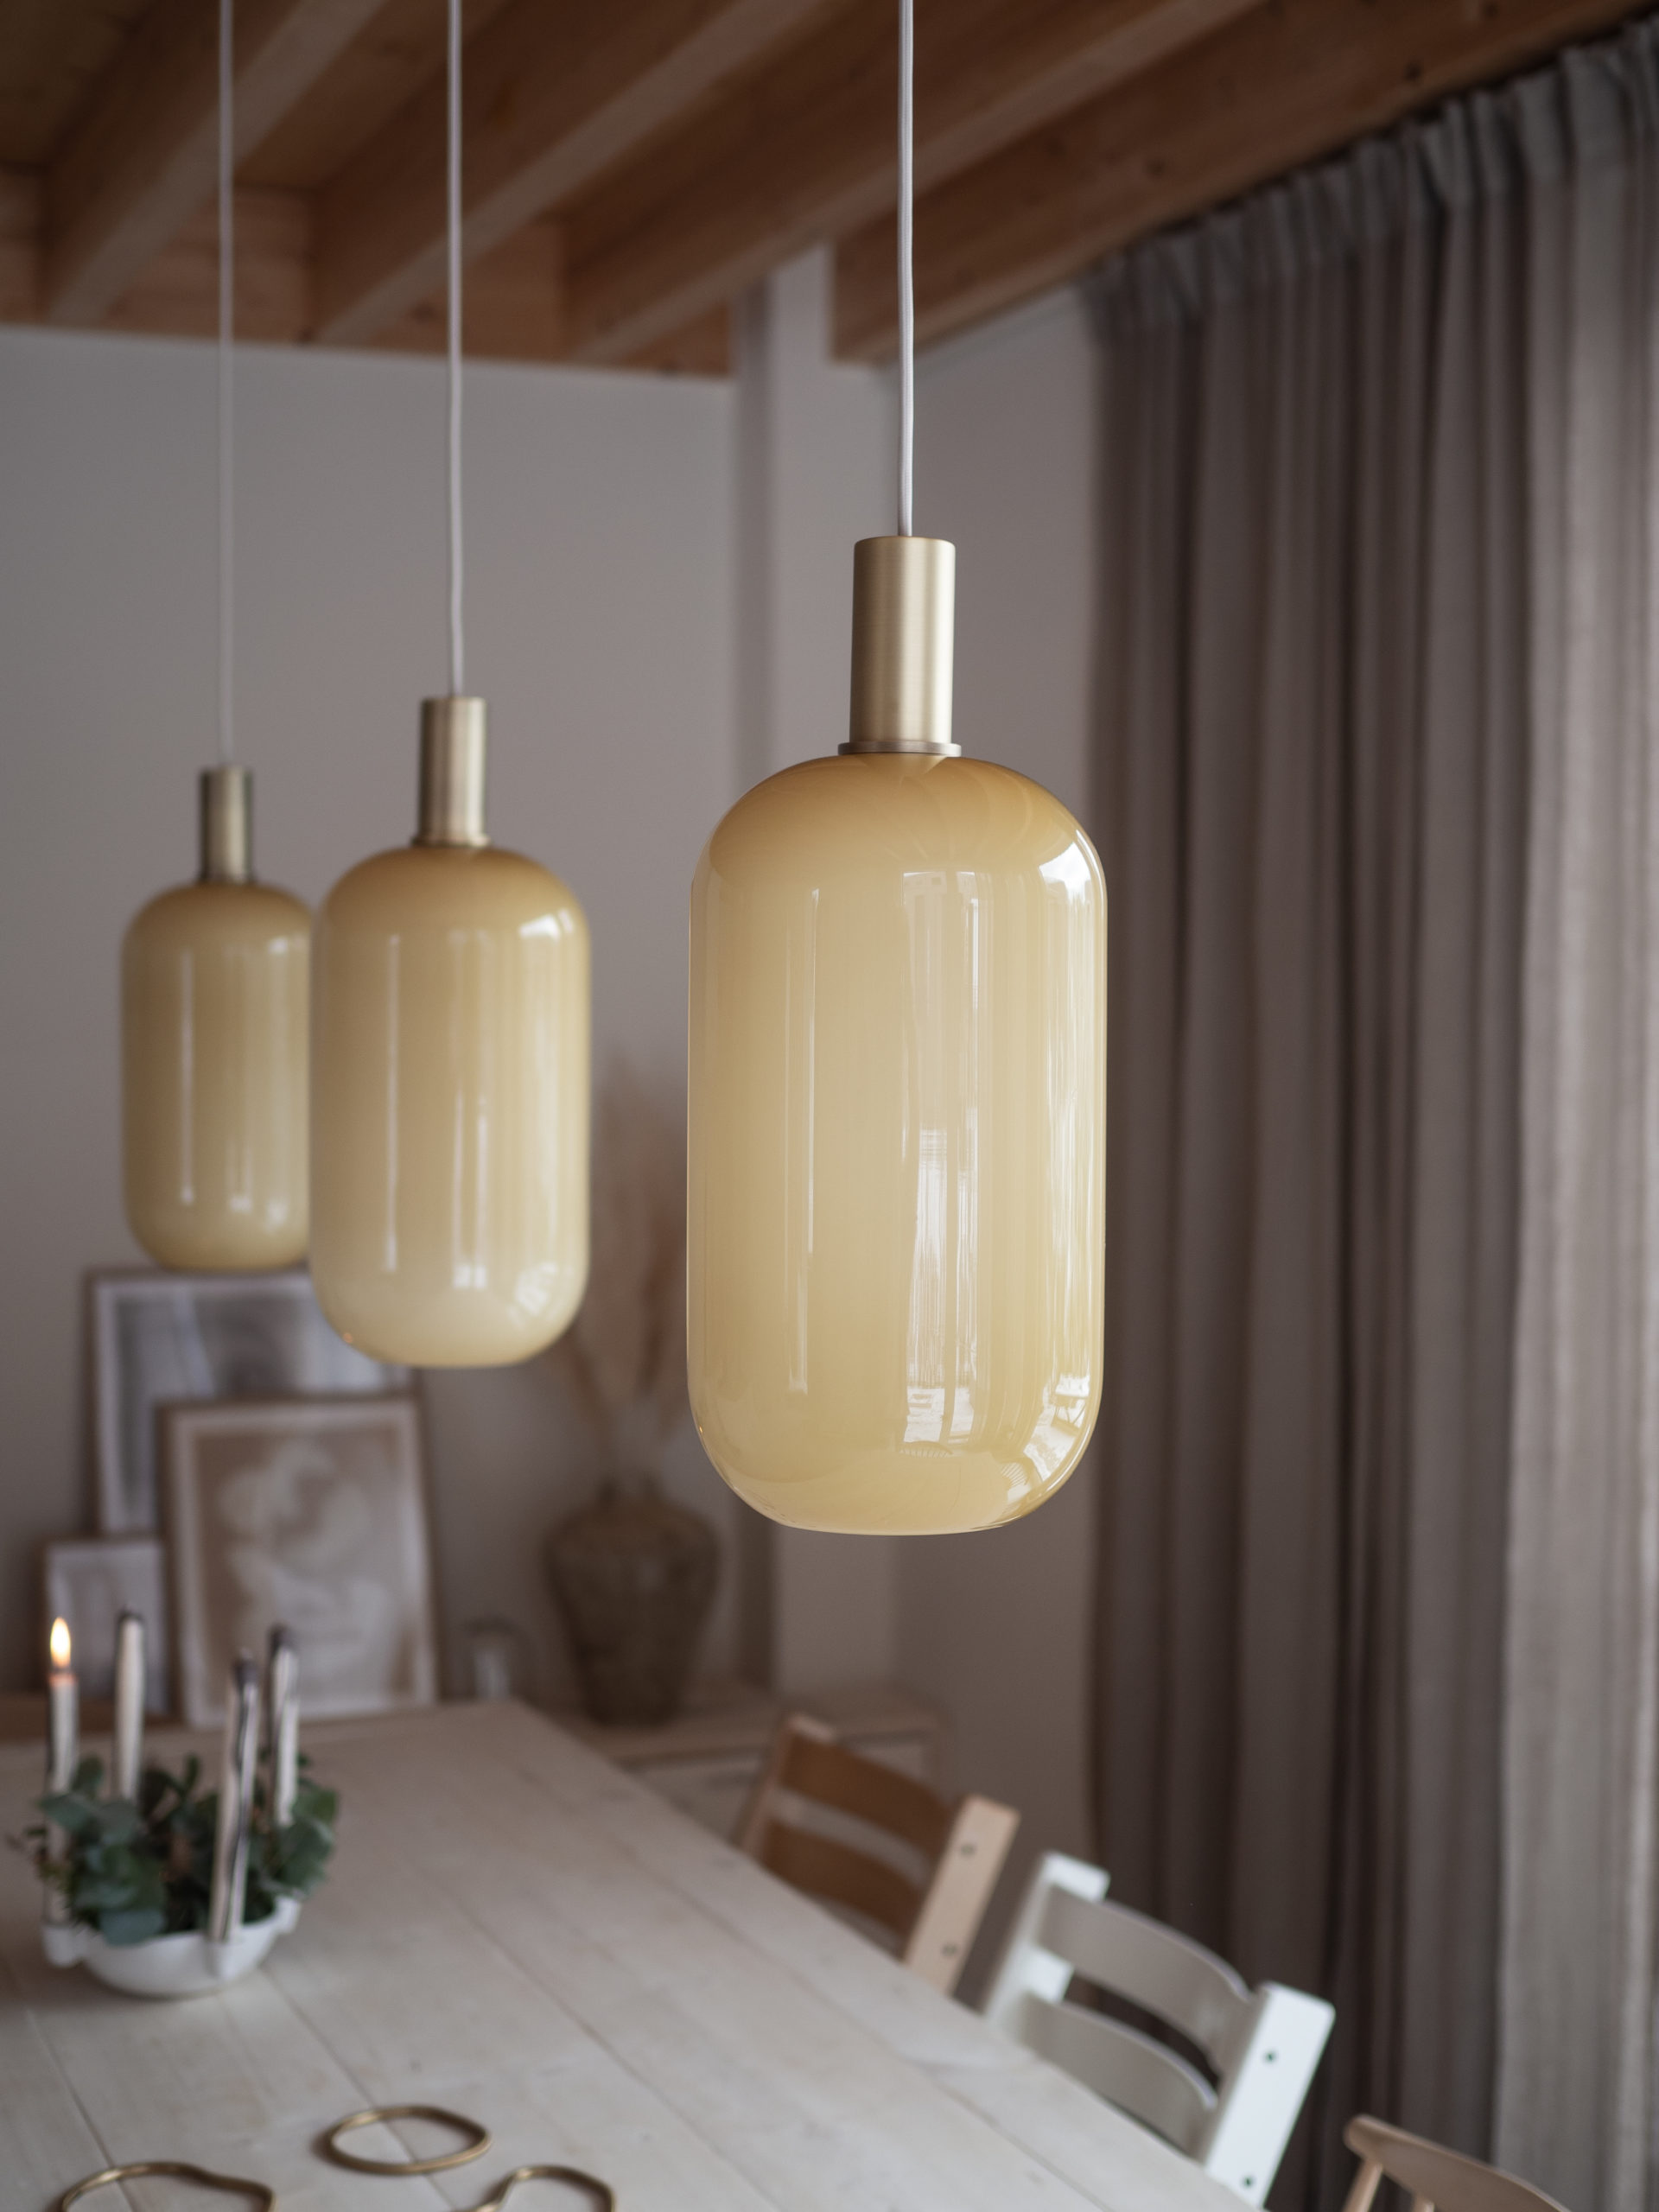 apinchofstyle.com | Lampen von Ferm Living über unseren DIY-Esstisch